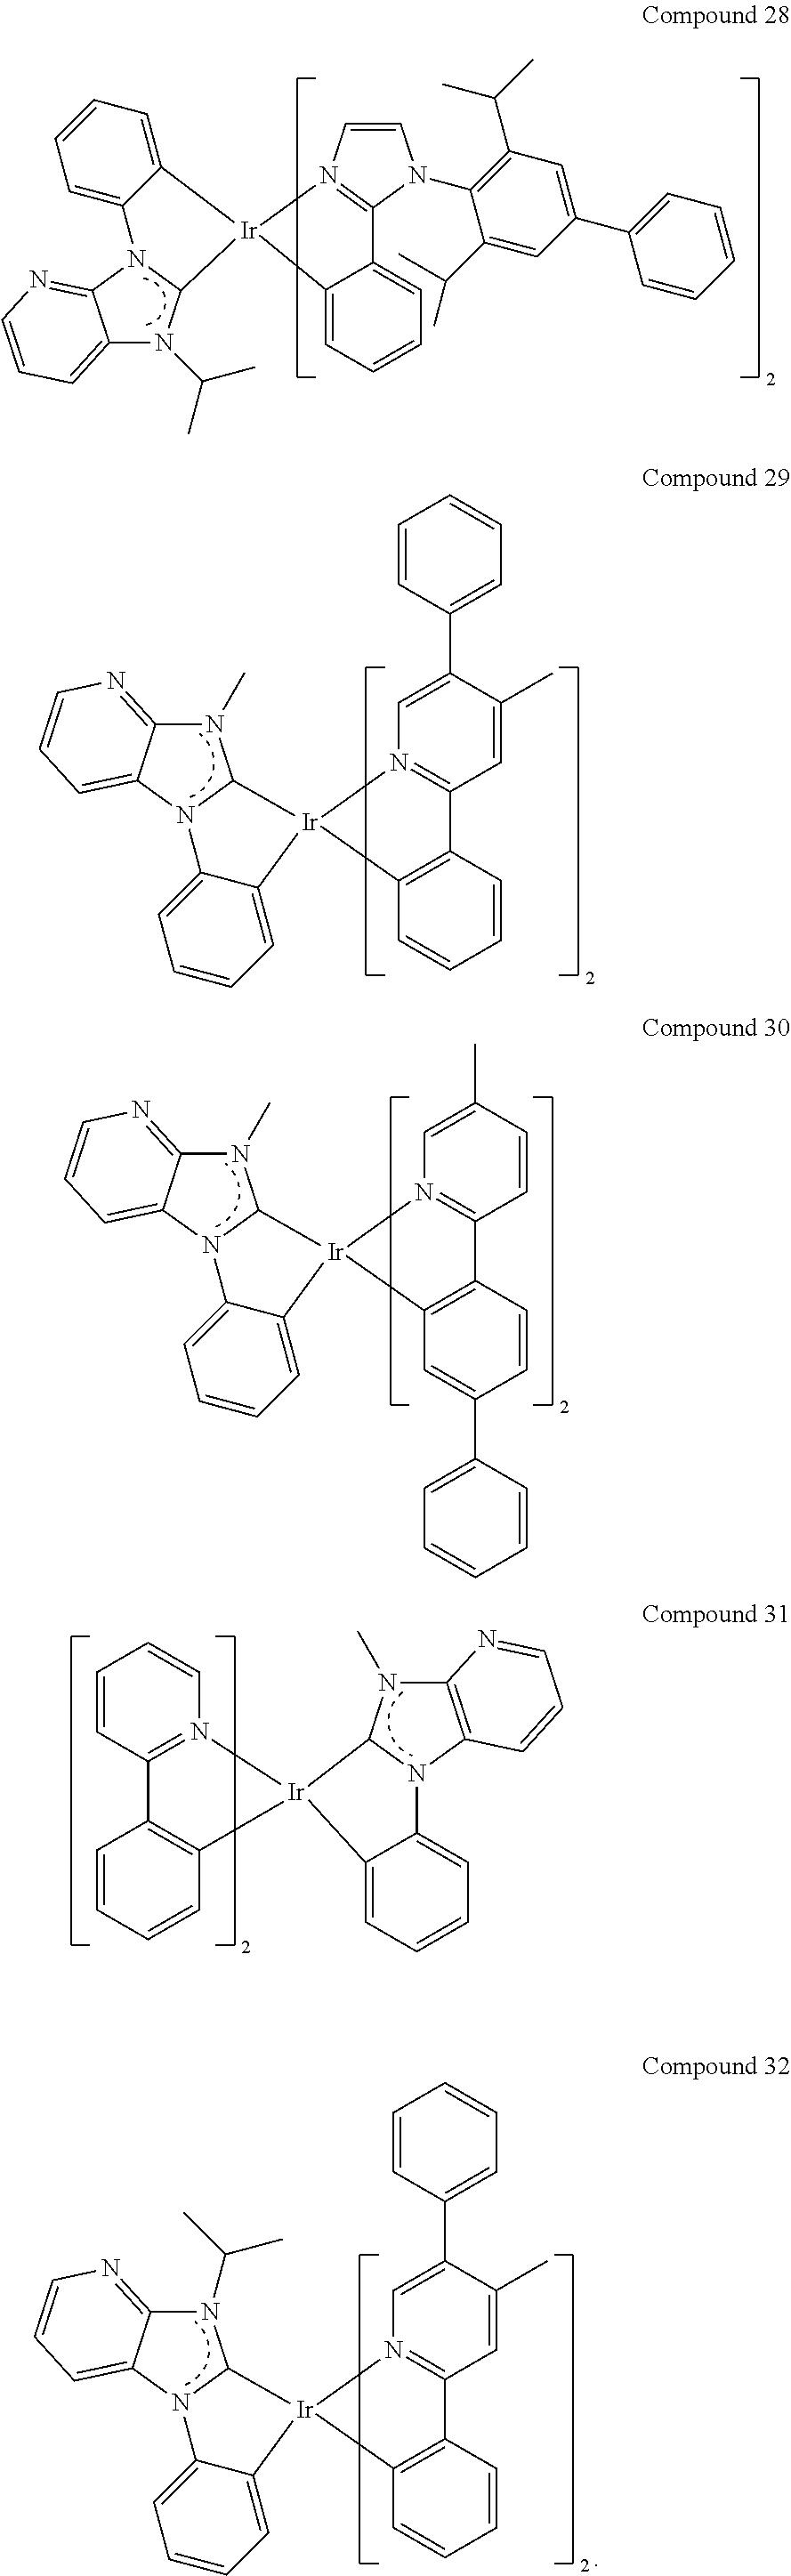 Figure US09972793-20180515-C00013